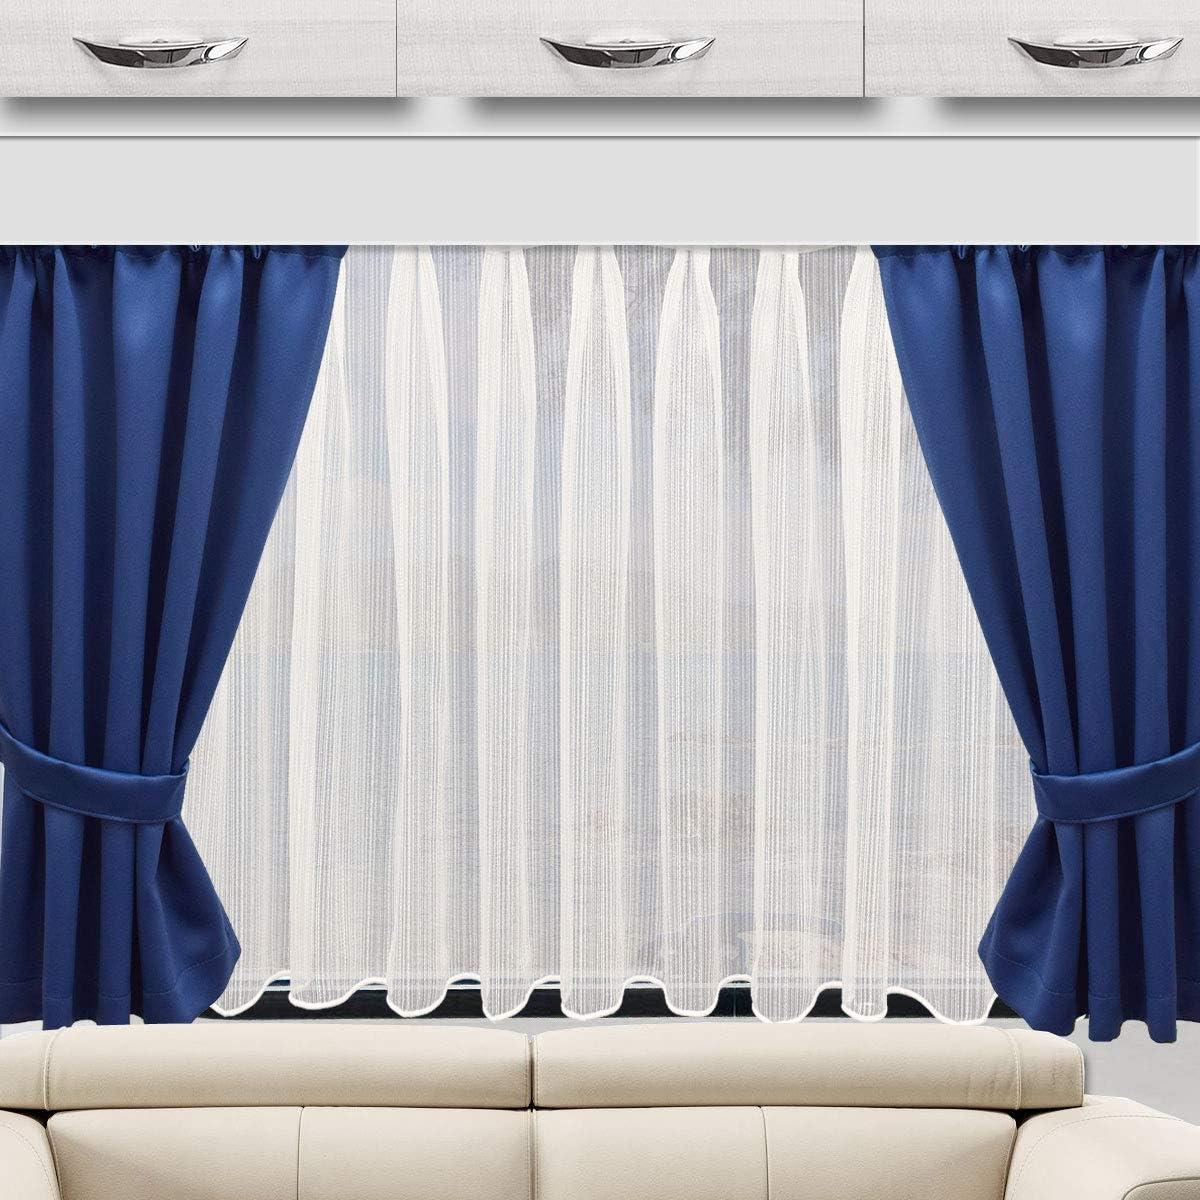 H/öhe /& Breite nach Ma/ß SeGaTeX home fashion Wohnmobil Caravan-Vorhang Mattis blau Verdunklungsdeko Wohnwagengardine mit Reihband